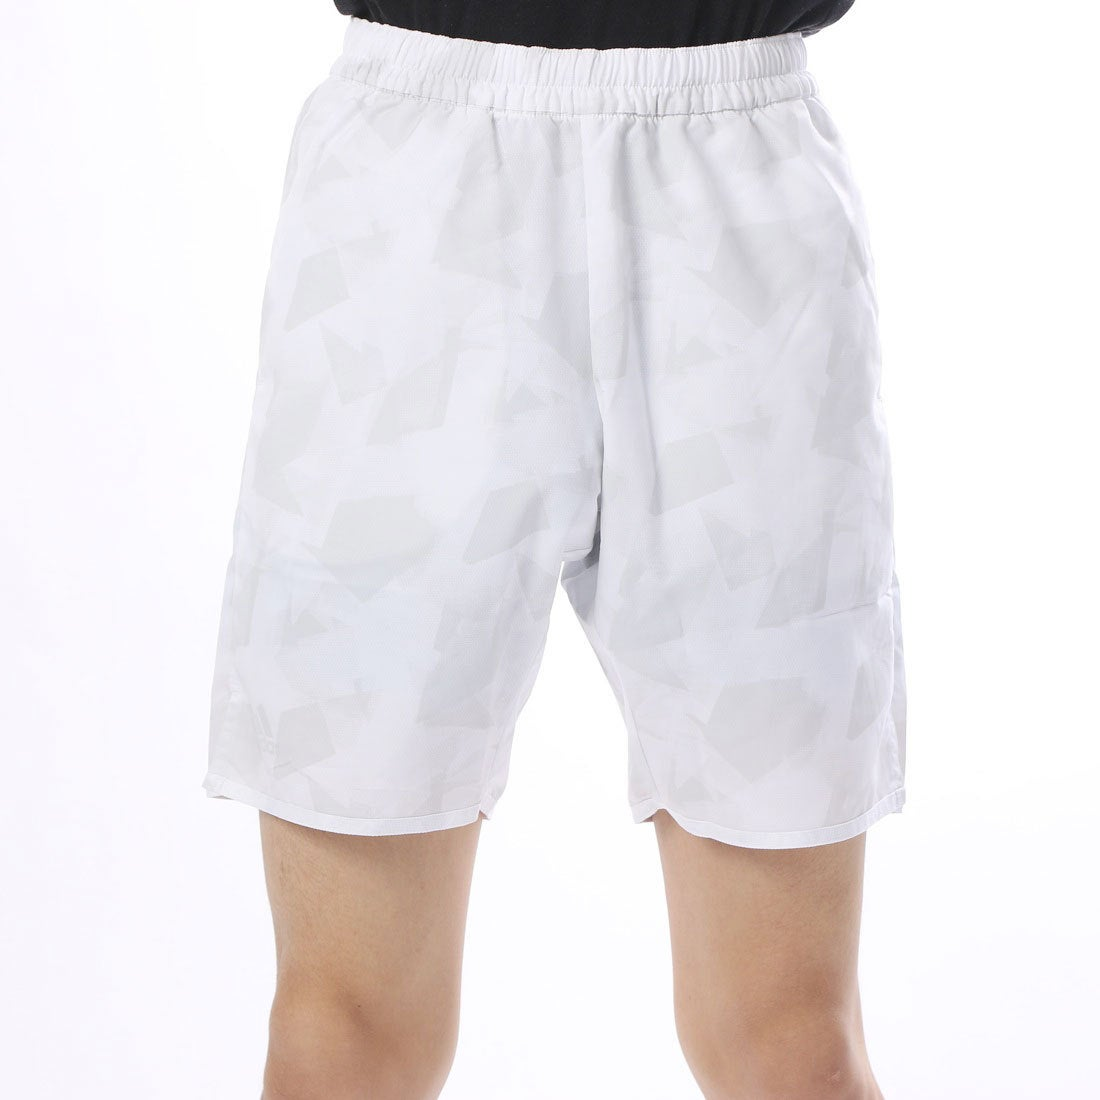 【SALE 50%OFF】アディダス adidas メンズ テニス ハーフパンツ MENS CLUB グラフィックハーフパンツ BS0142